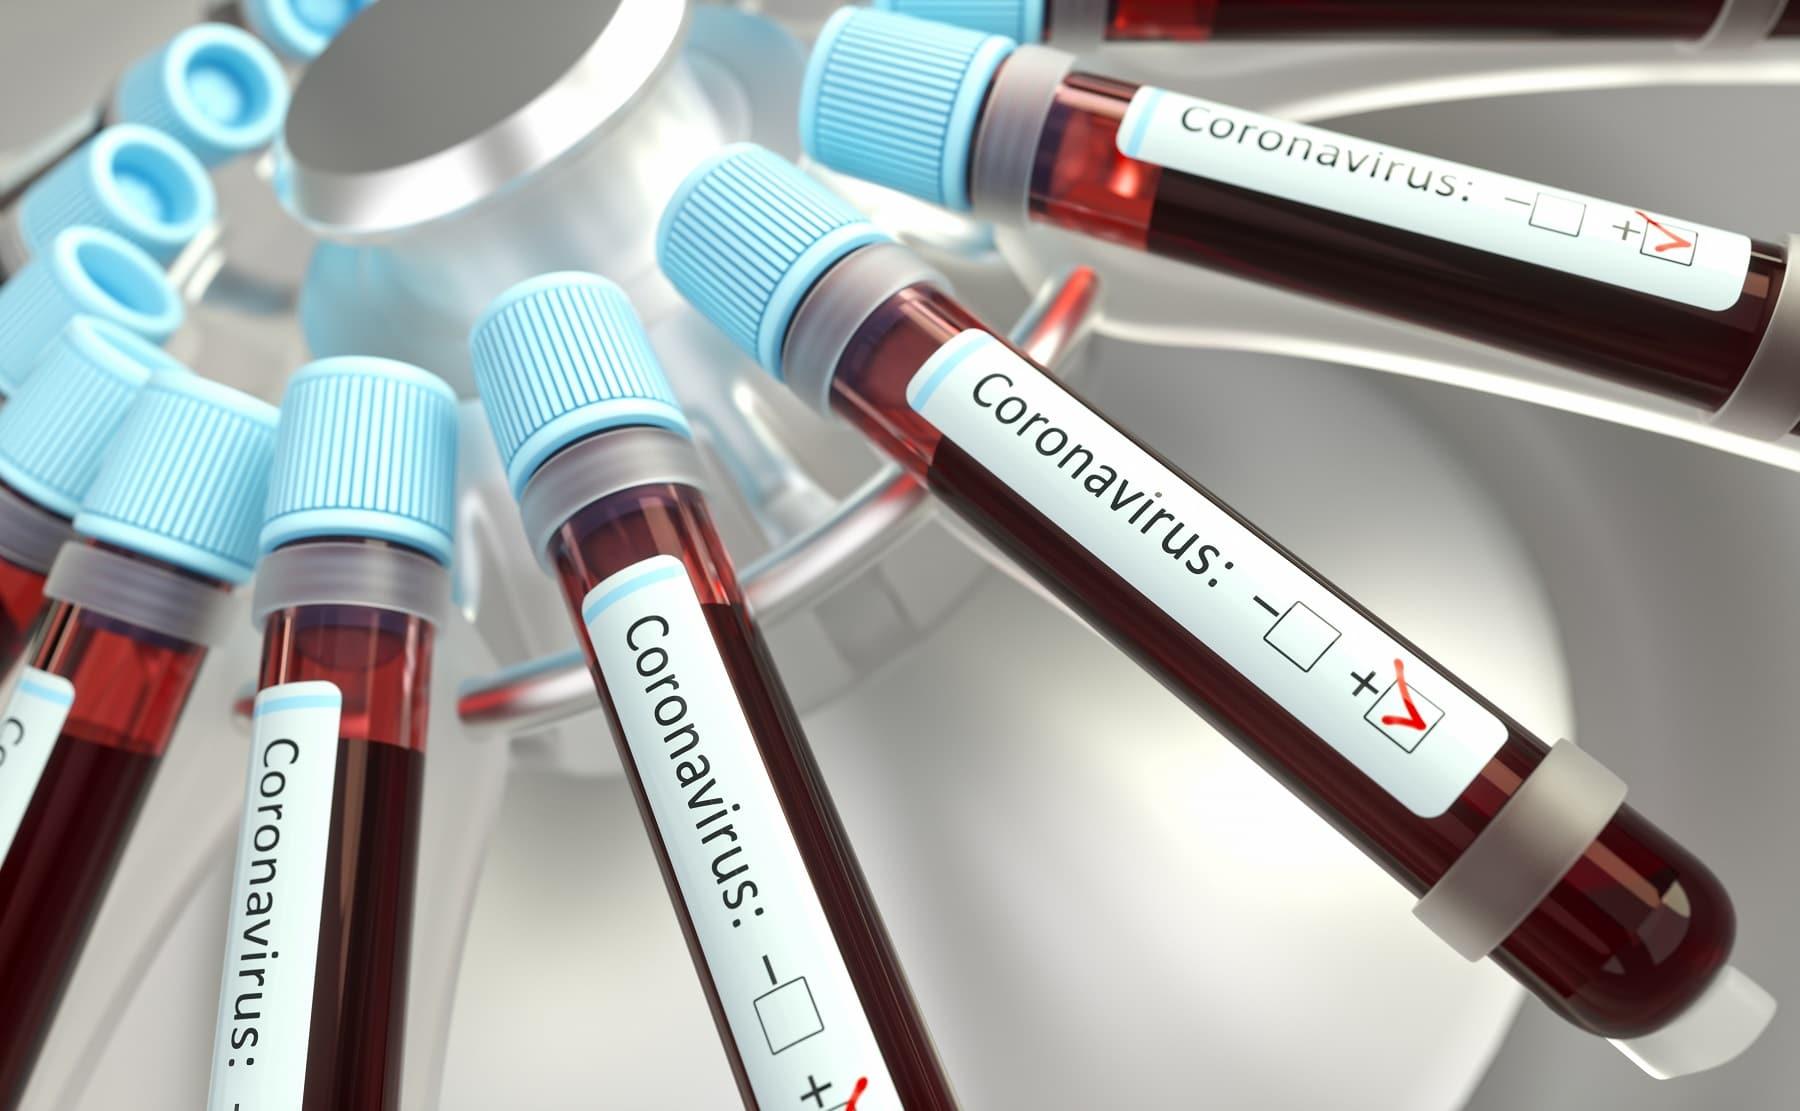 8672-ra nőtt az igazolt koronavírus-fertőzések száma Oroszországban